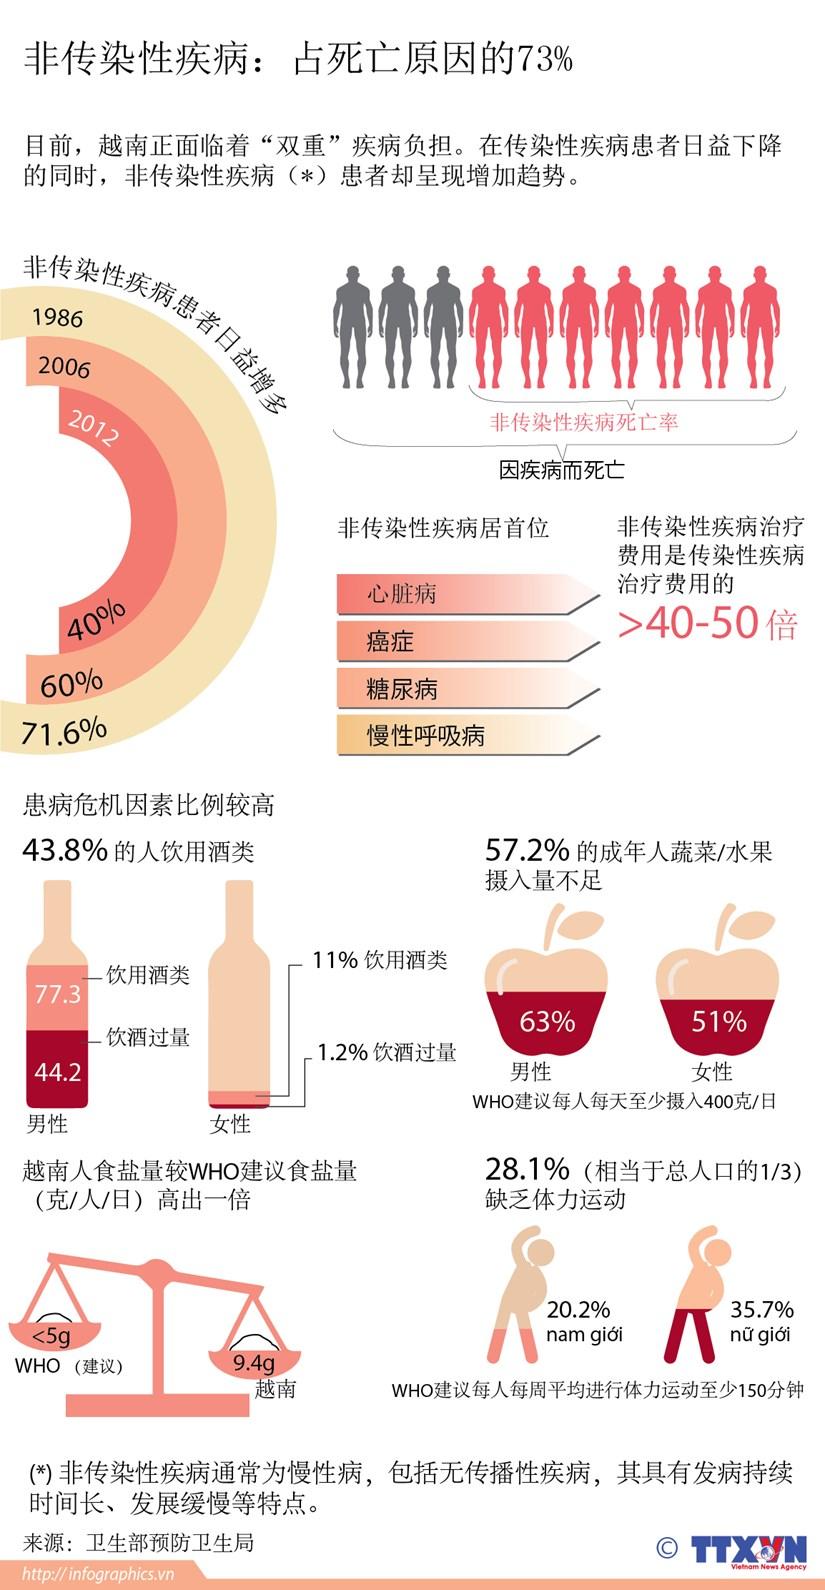 非传染性疾病:占死亡原因的73% hinh anh 1